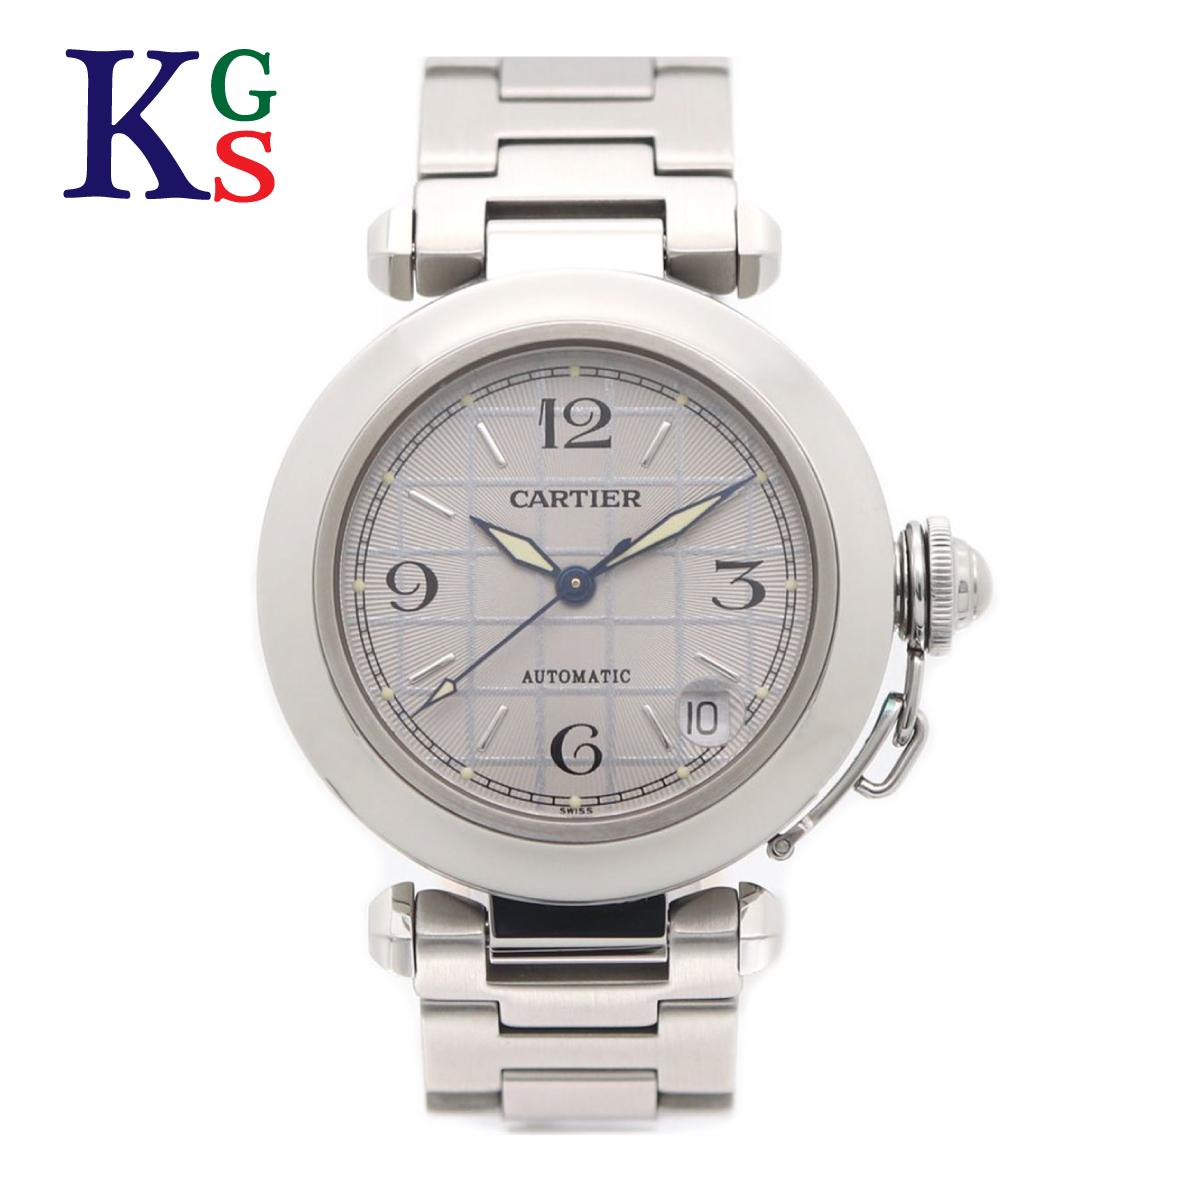 【ギフト品質】カルティエ/Cartier レディース 腕時計 パシャC シルバー× シルバー文字盤 ステンレススチール W31023M7【02】